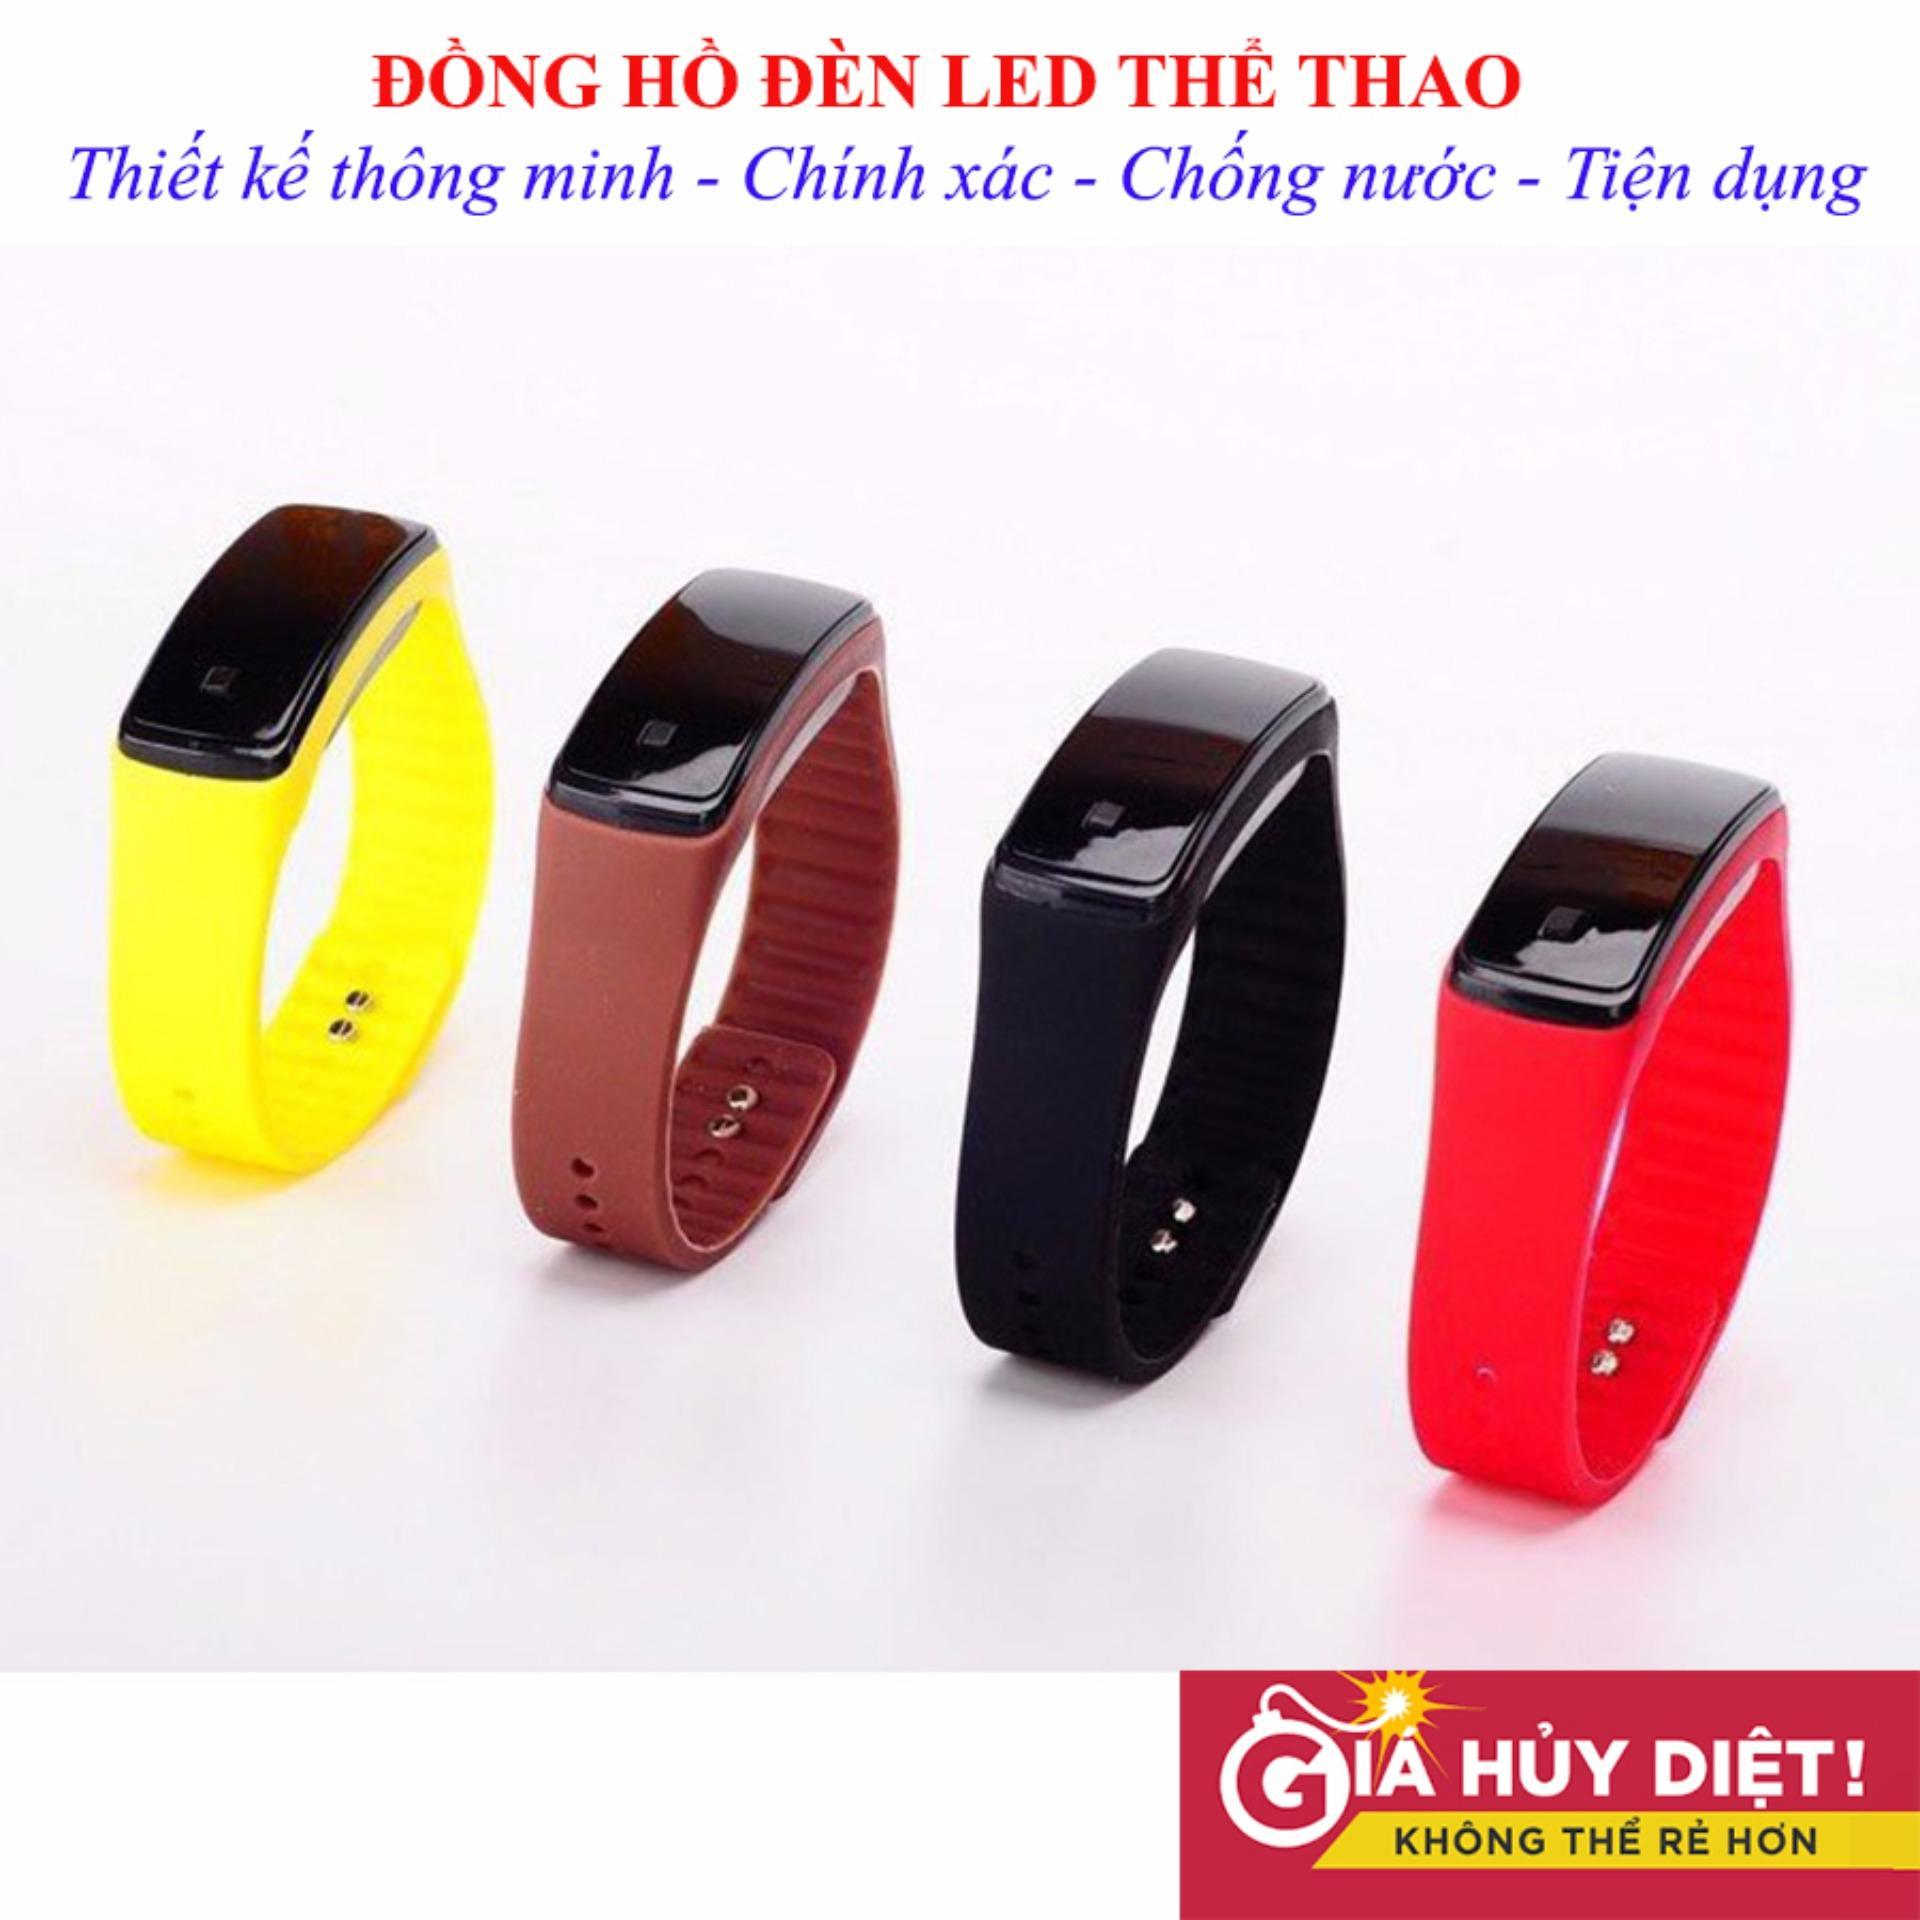 Hình ảnh Mua đồng hồ giá rẻ , Mua dong ho led - Đồng hồ nam, Combo 2 đồng hồ màn đen TF69 - Kiểu dáng thể thao sang trọng, chất liệu bền đẹp - BH uy tín 1 đổi 1 bởi TECH FUTURE